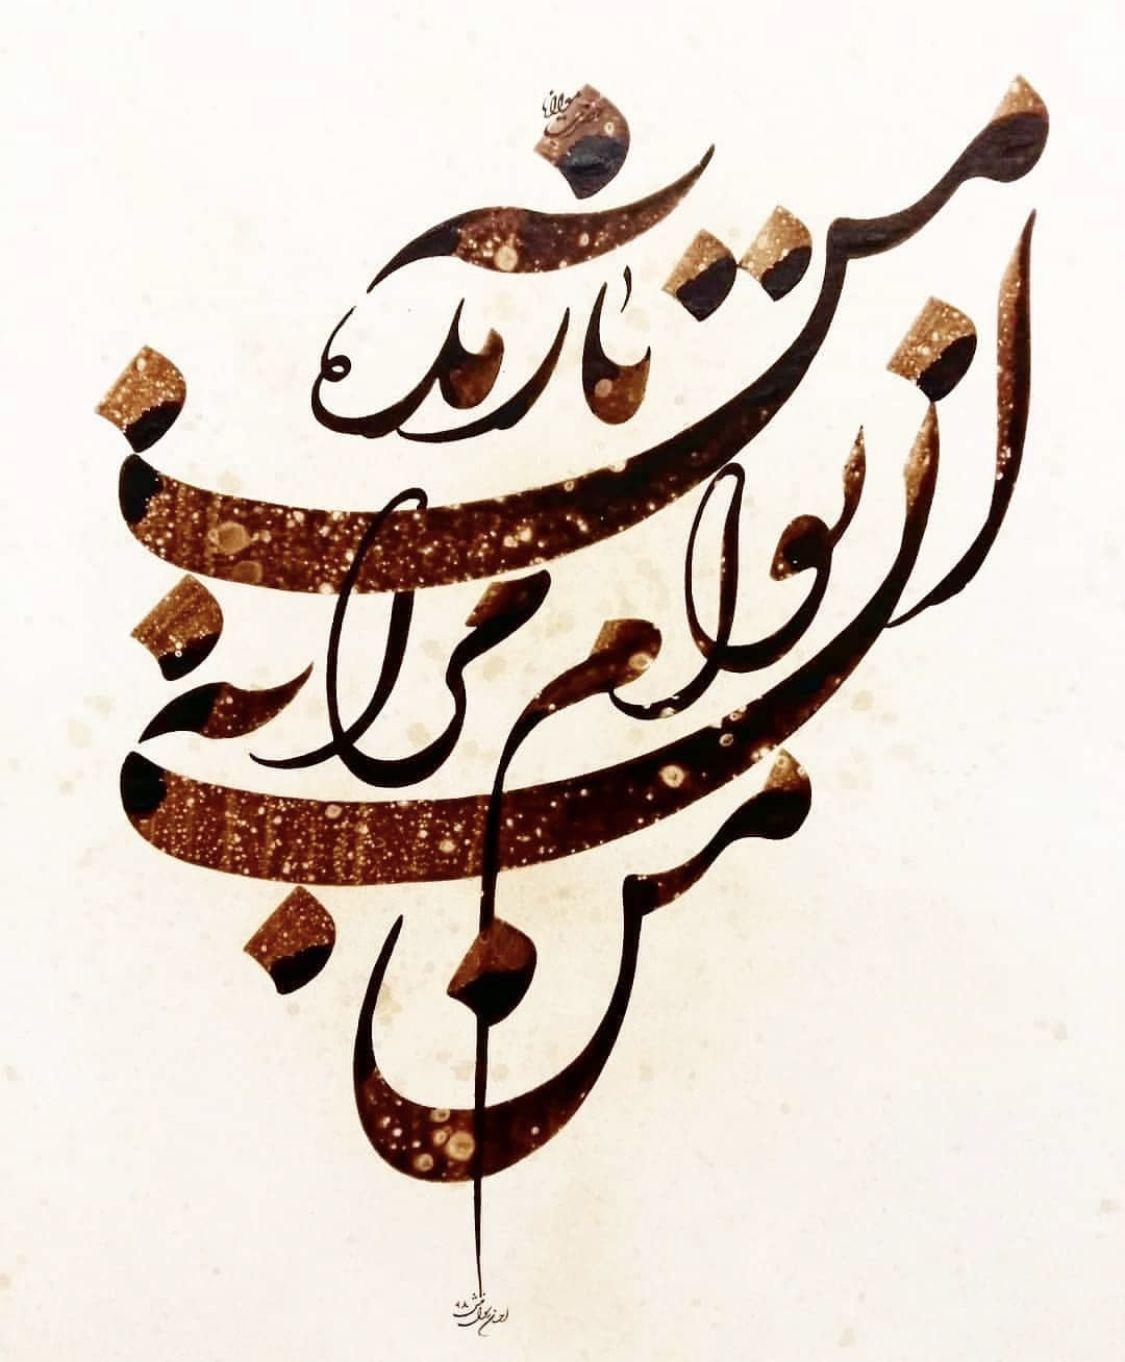 من آن توام مرا به من باز مده Farsi Calligraphy Art Persian Calligraphy Persian Calligraphy Typography